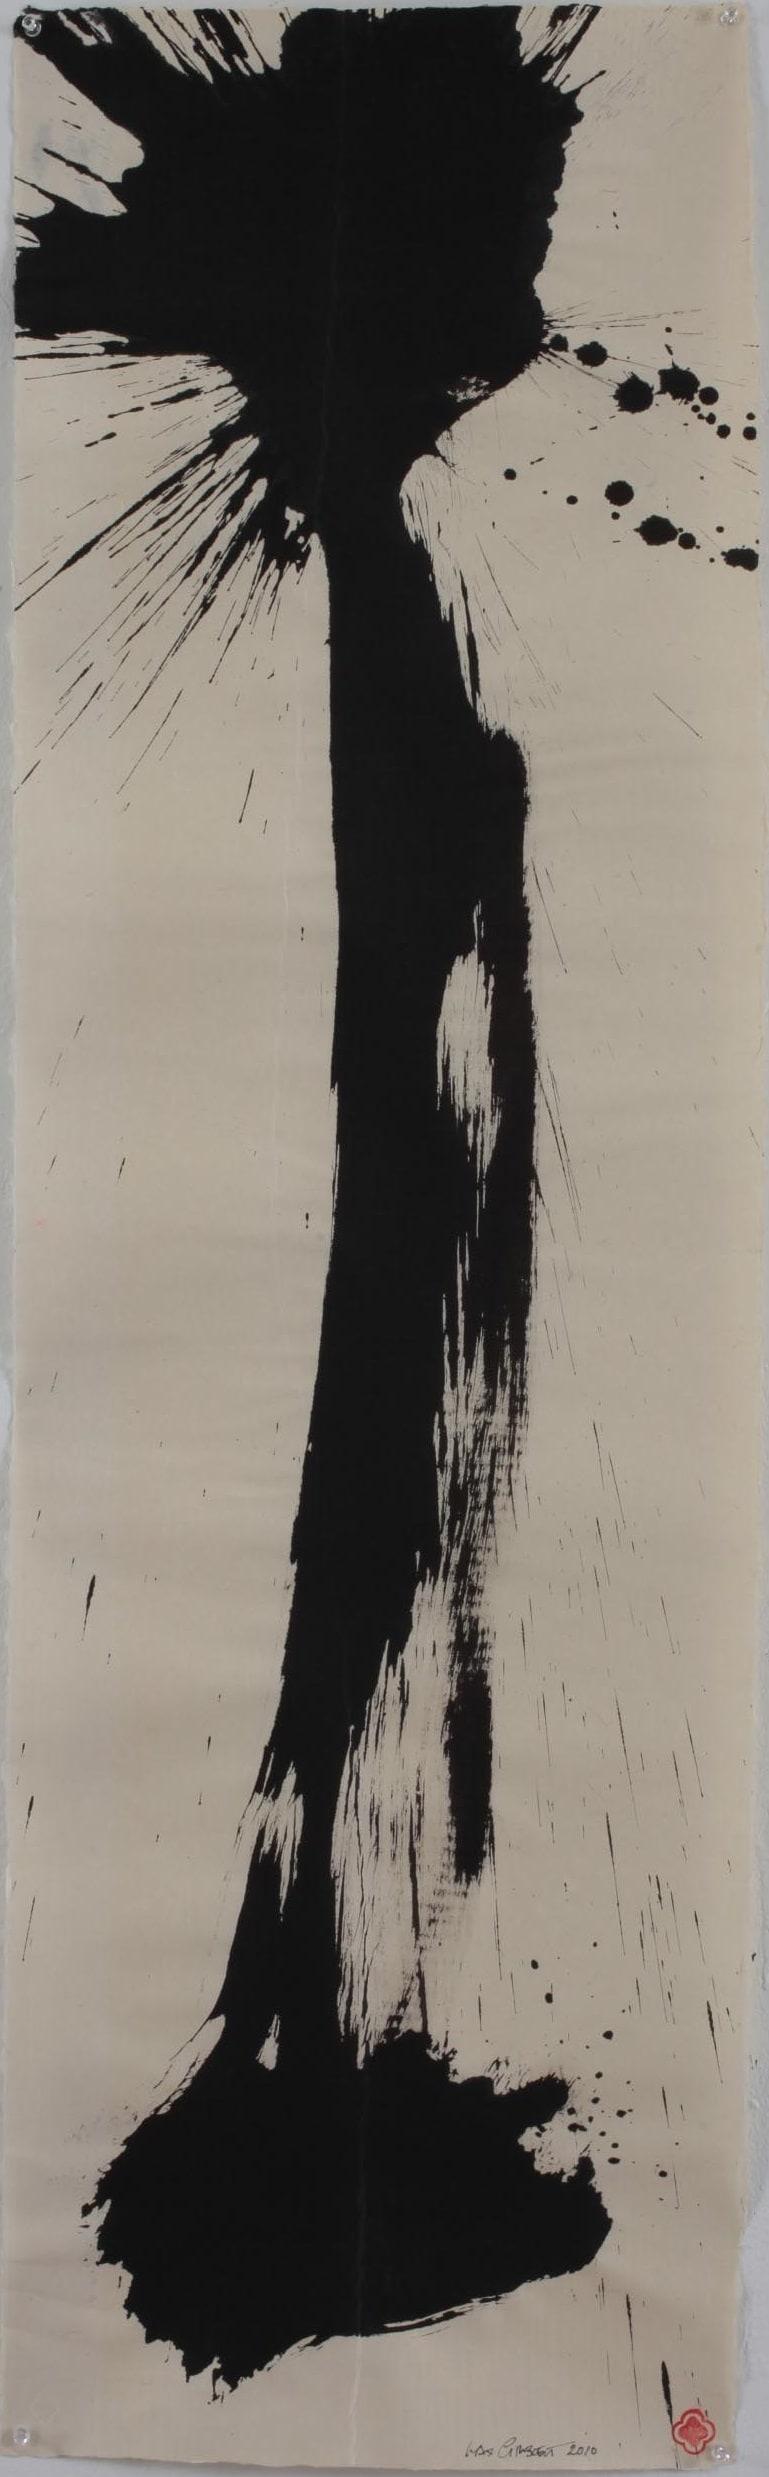 Max GIMBLETT Roshi's Stick, 2012 Mixed media on paper 56 x 17 in 142.2 x 43.2 cm